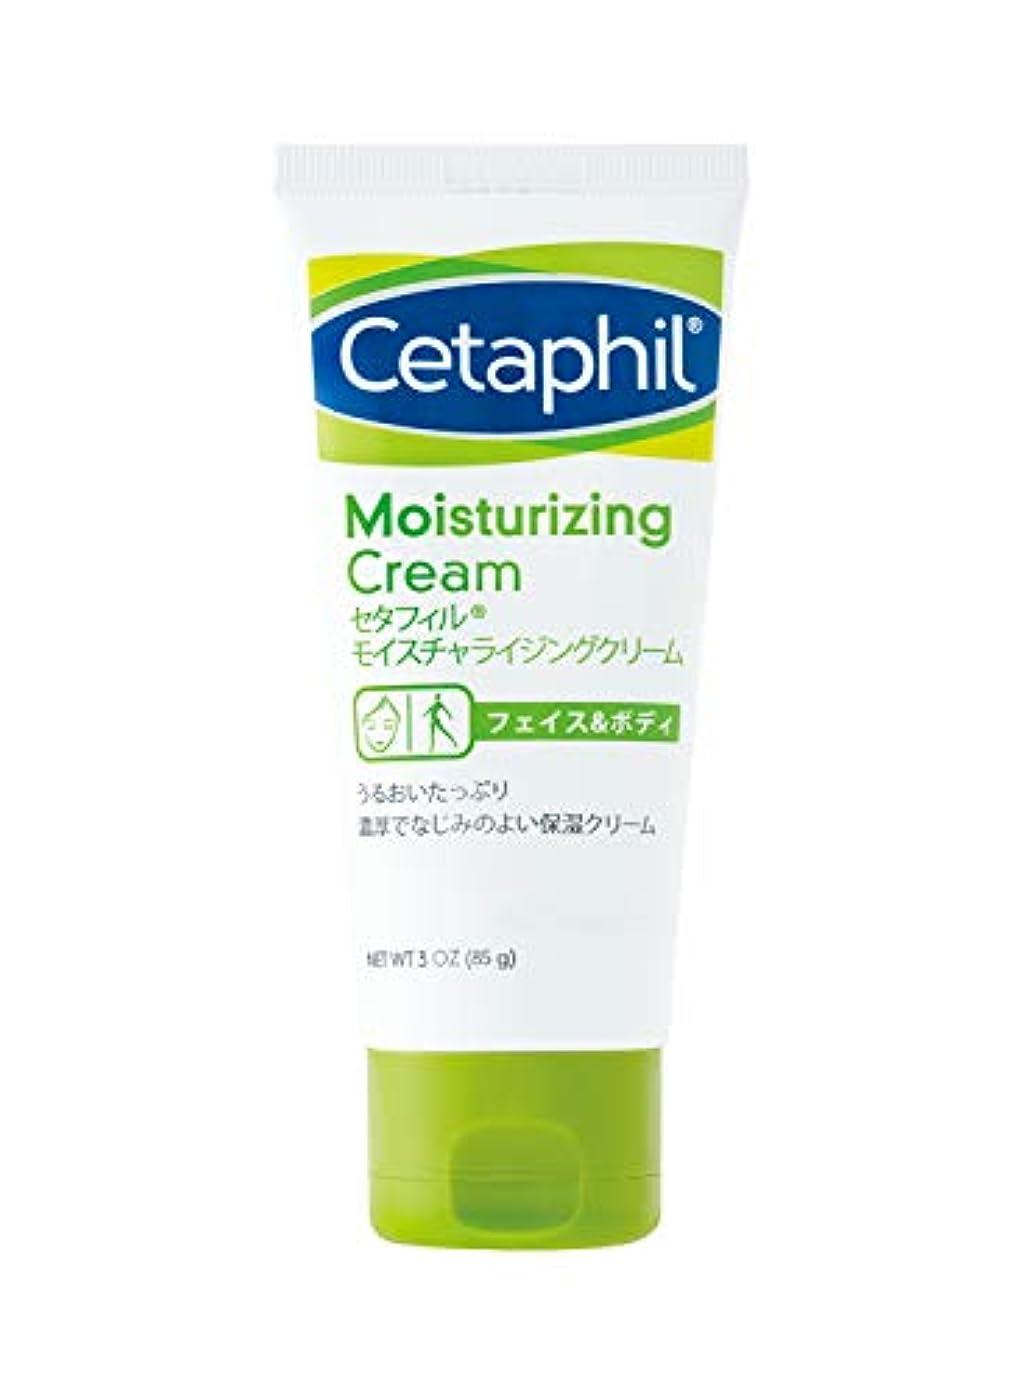 日食先デジタルセタフィル Cetaphil ® モイスチャライジングクリーム 85g ( フェイス & ボディ 保湿クリーム クリーム )